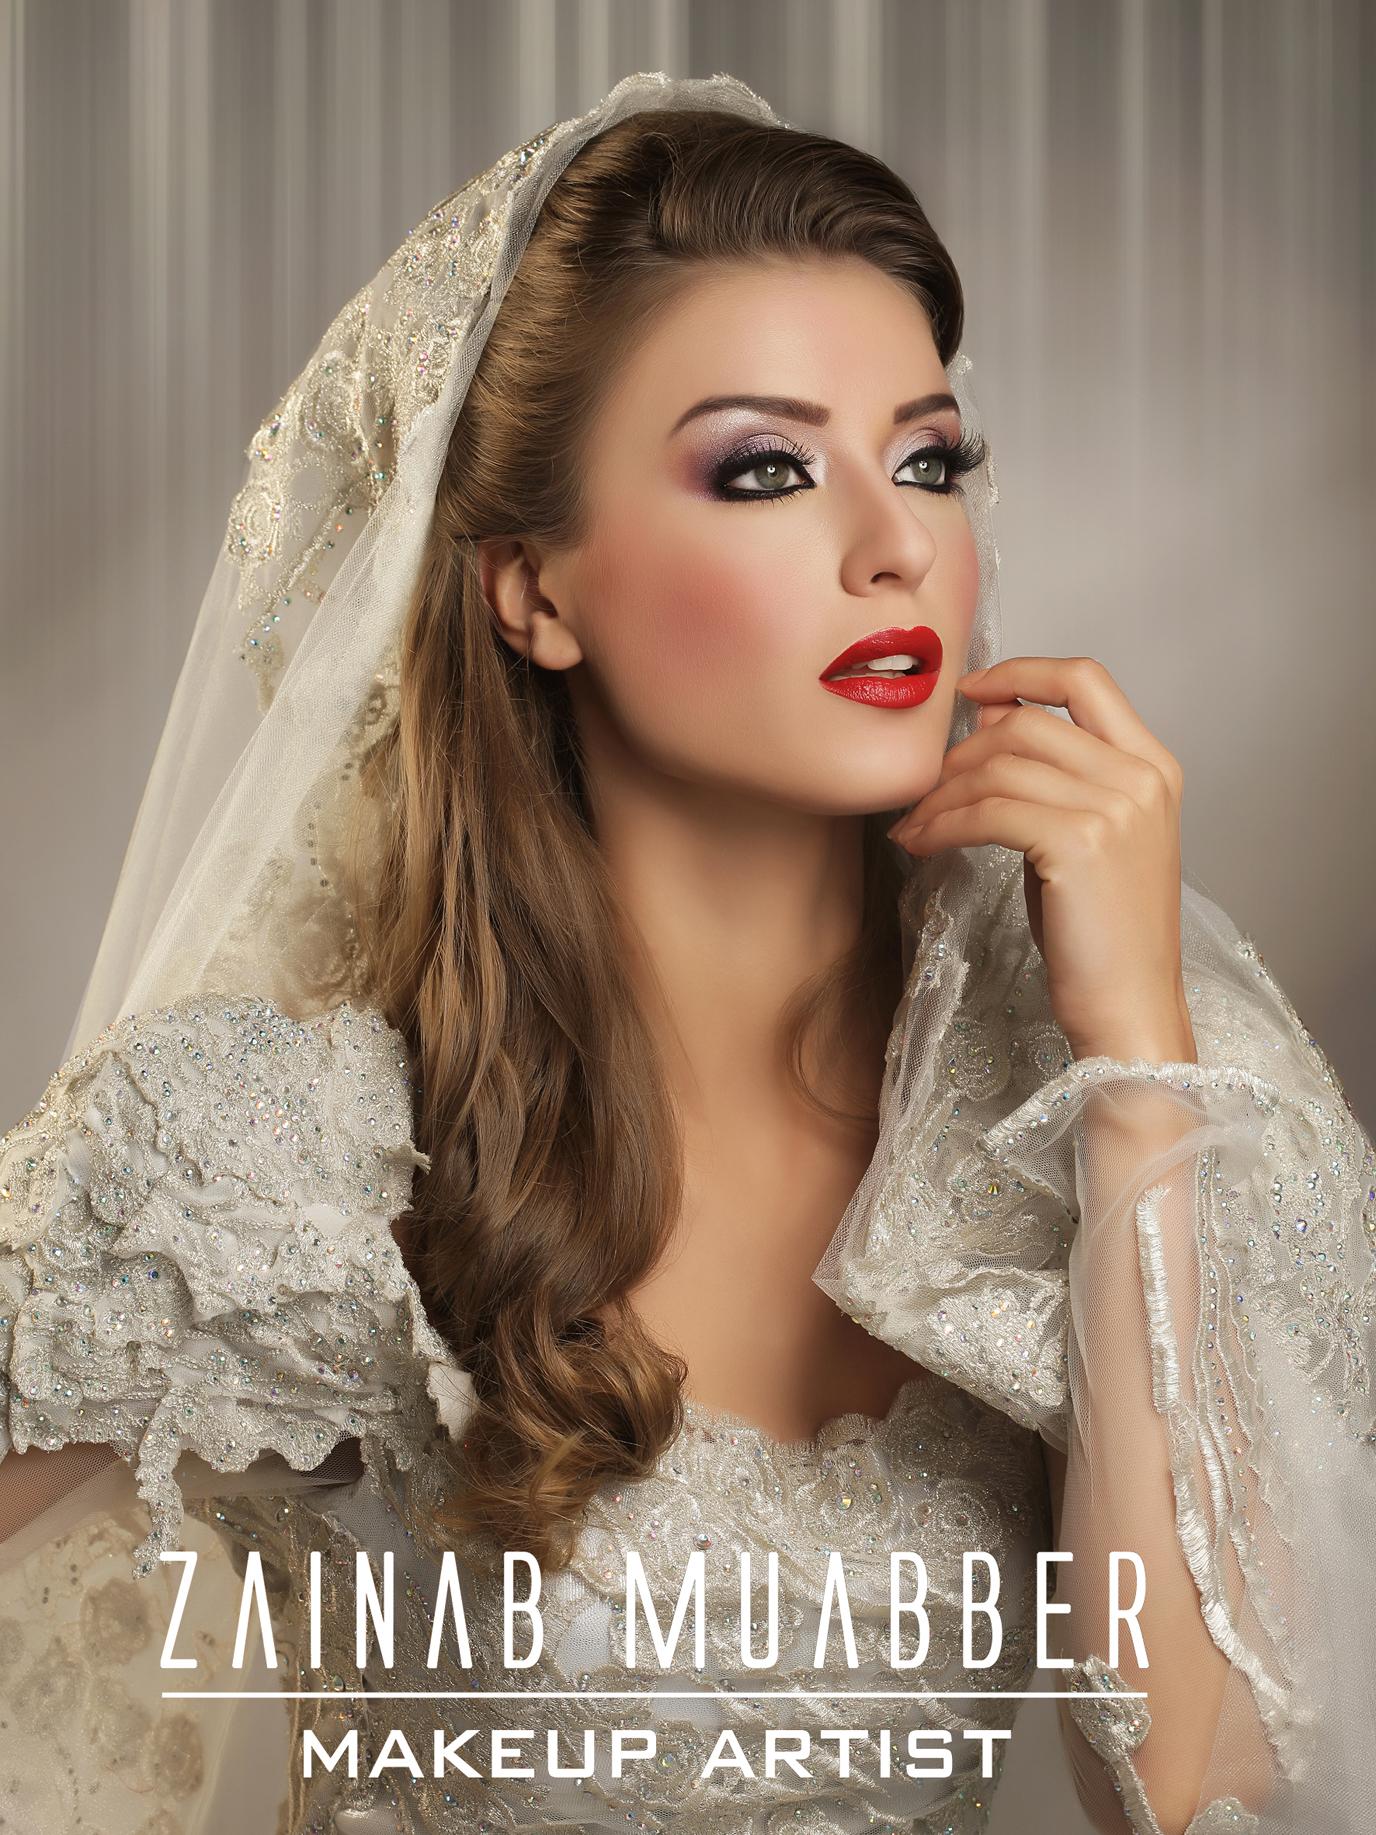 مكياج خبيرة التجميل السعودية زينب haidar13628554026632